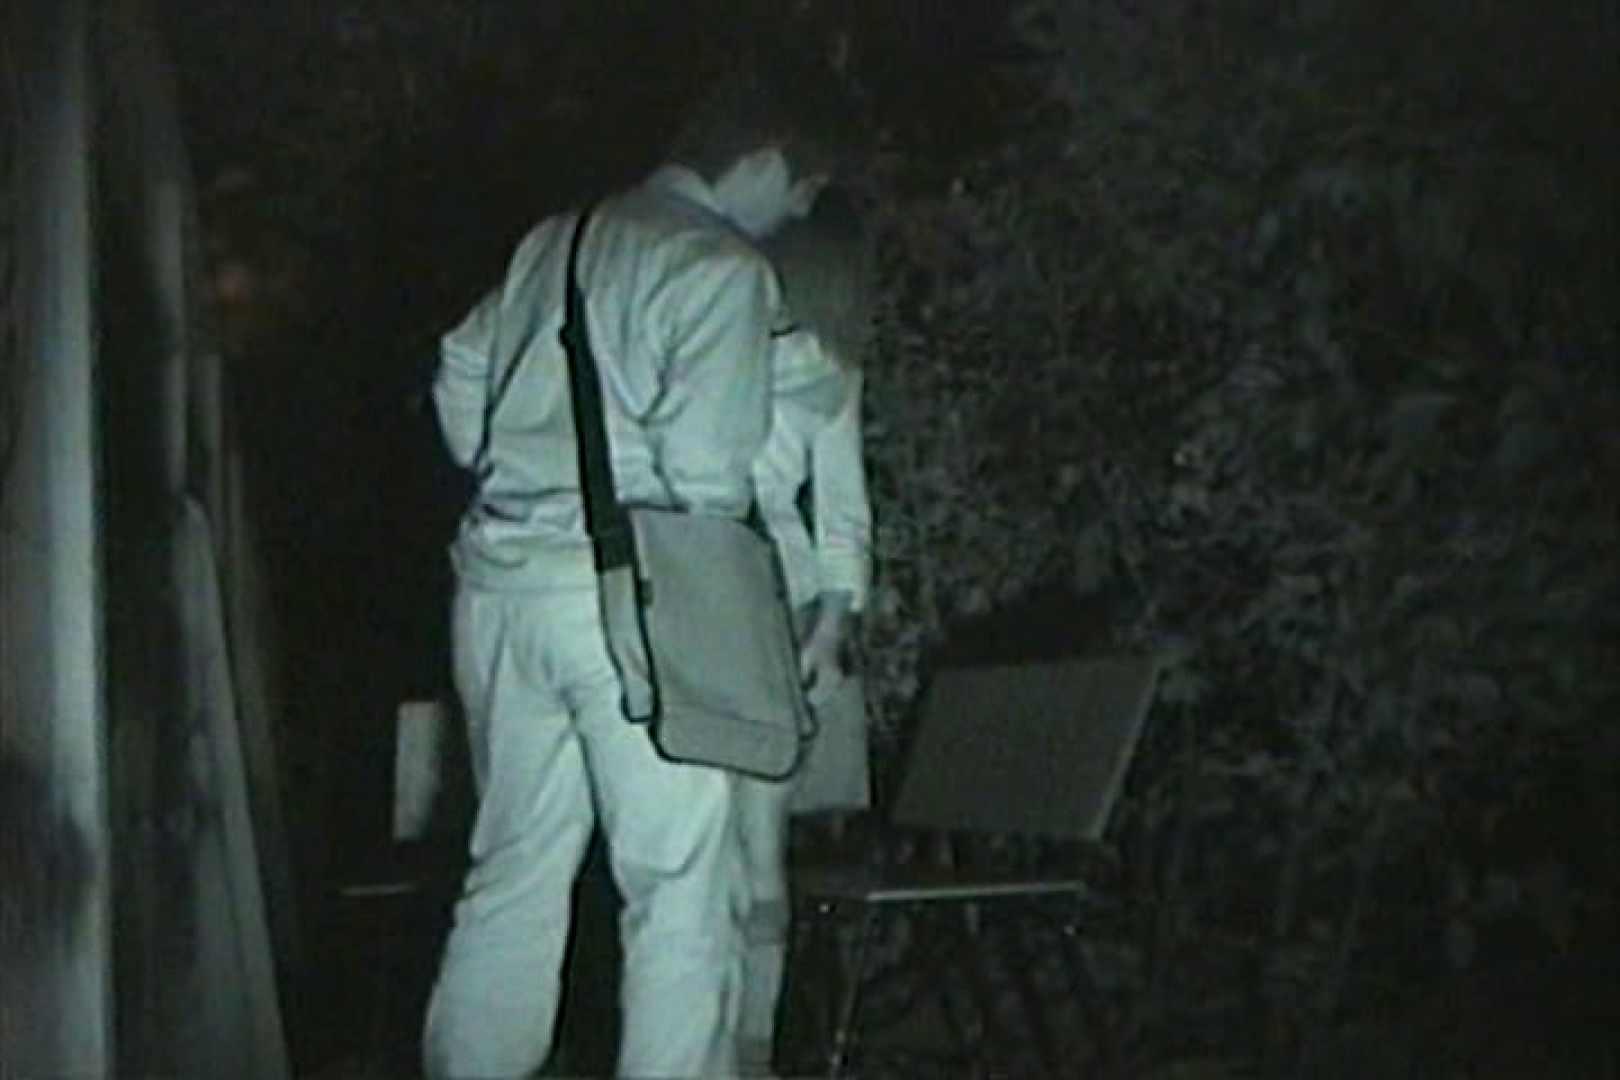 闇の仕掛け人 無修正版 Vol.24 カップル オメコ動画キャプチャ 101pic 57